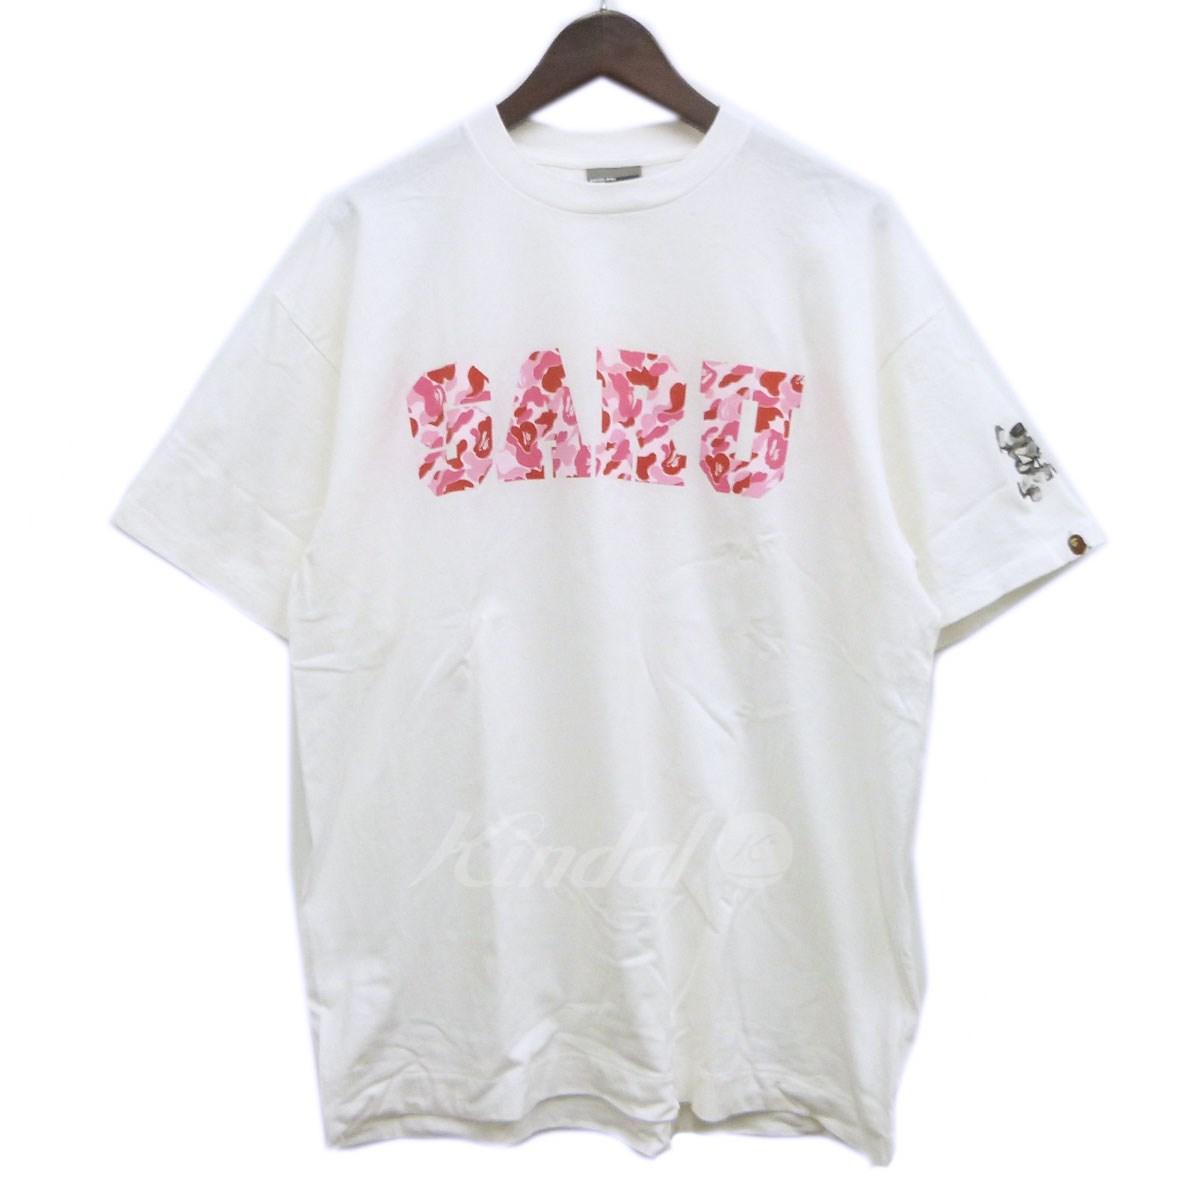 【中古】A BATHING APE×SANTASTIC ABCカモSARUTシャツ ホワイト×ピンク サイズ:XL 【送料無料】 【300918】(アベイシングエイプ×サンタスティック)